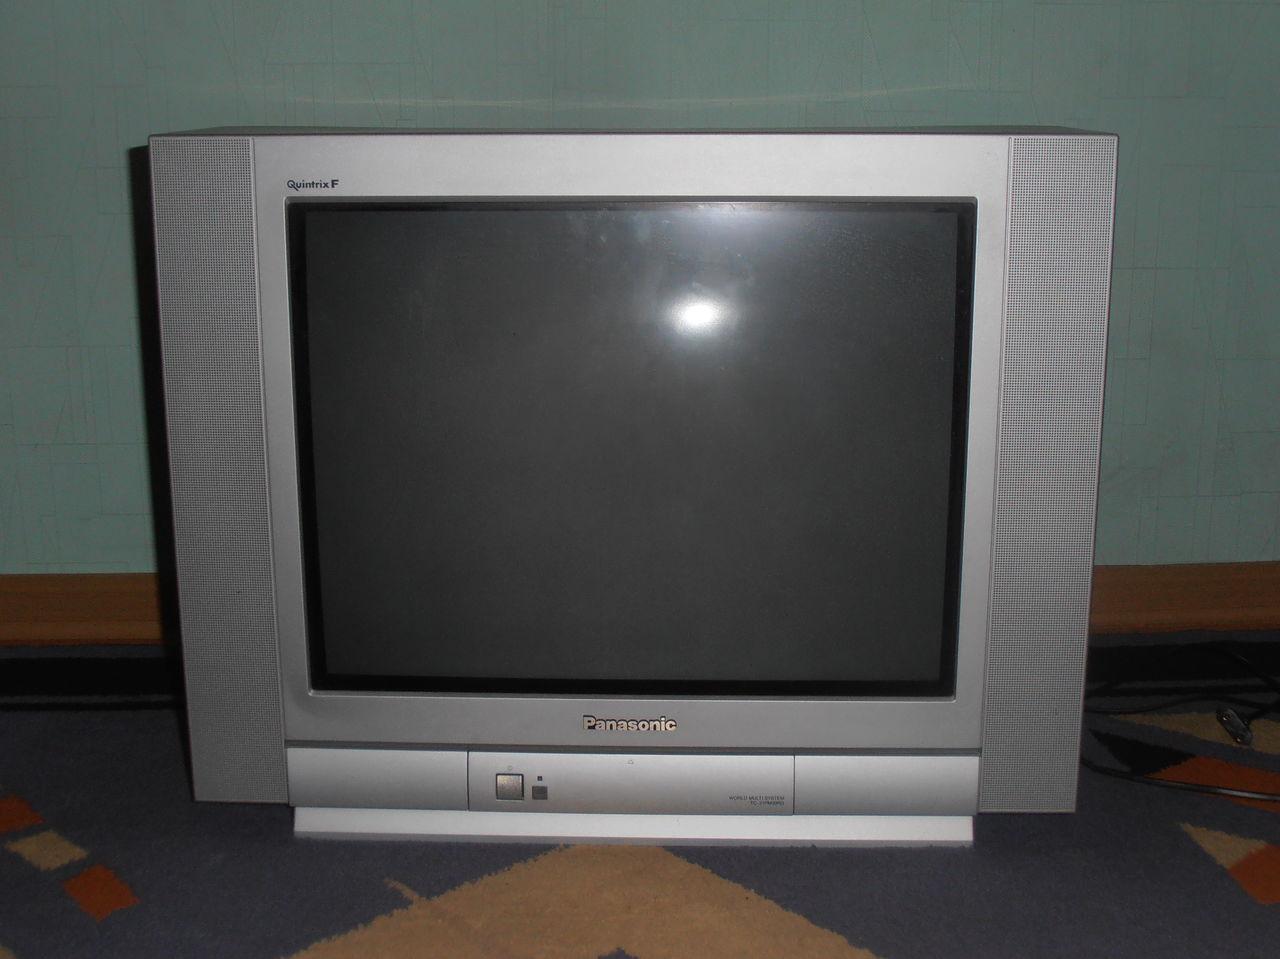 белье евро куплю старые телевизоры иваново становится неотъемлемой